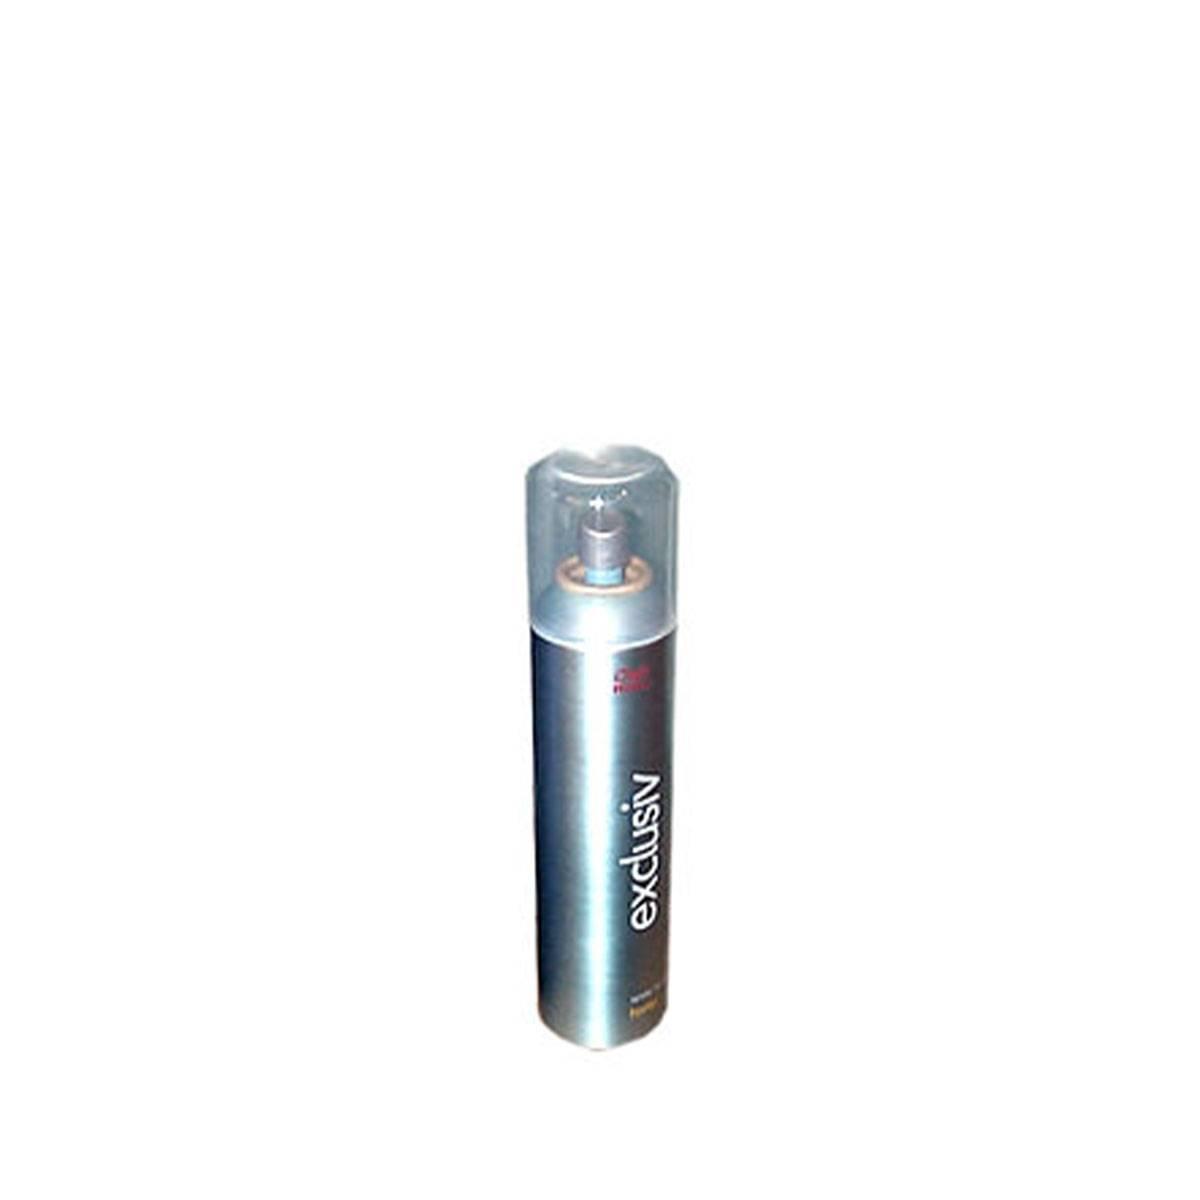 Exclusive Lacca  Forte 250ml Sconto 33%